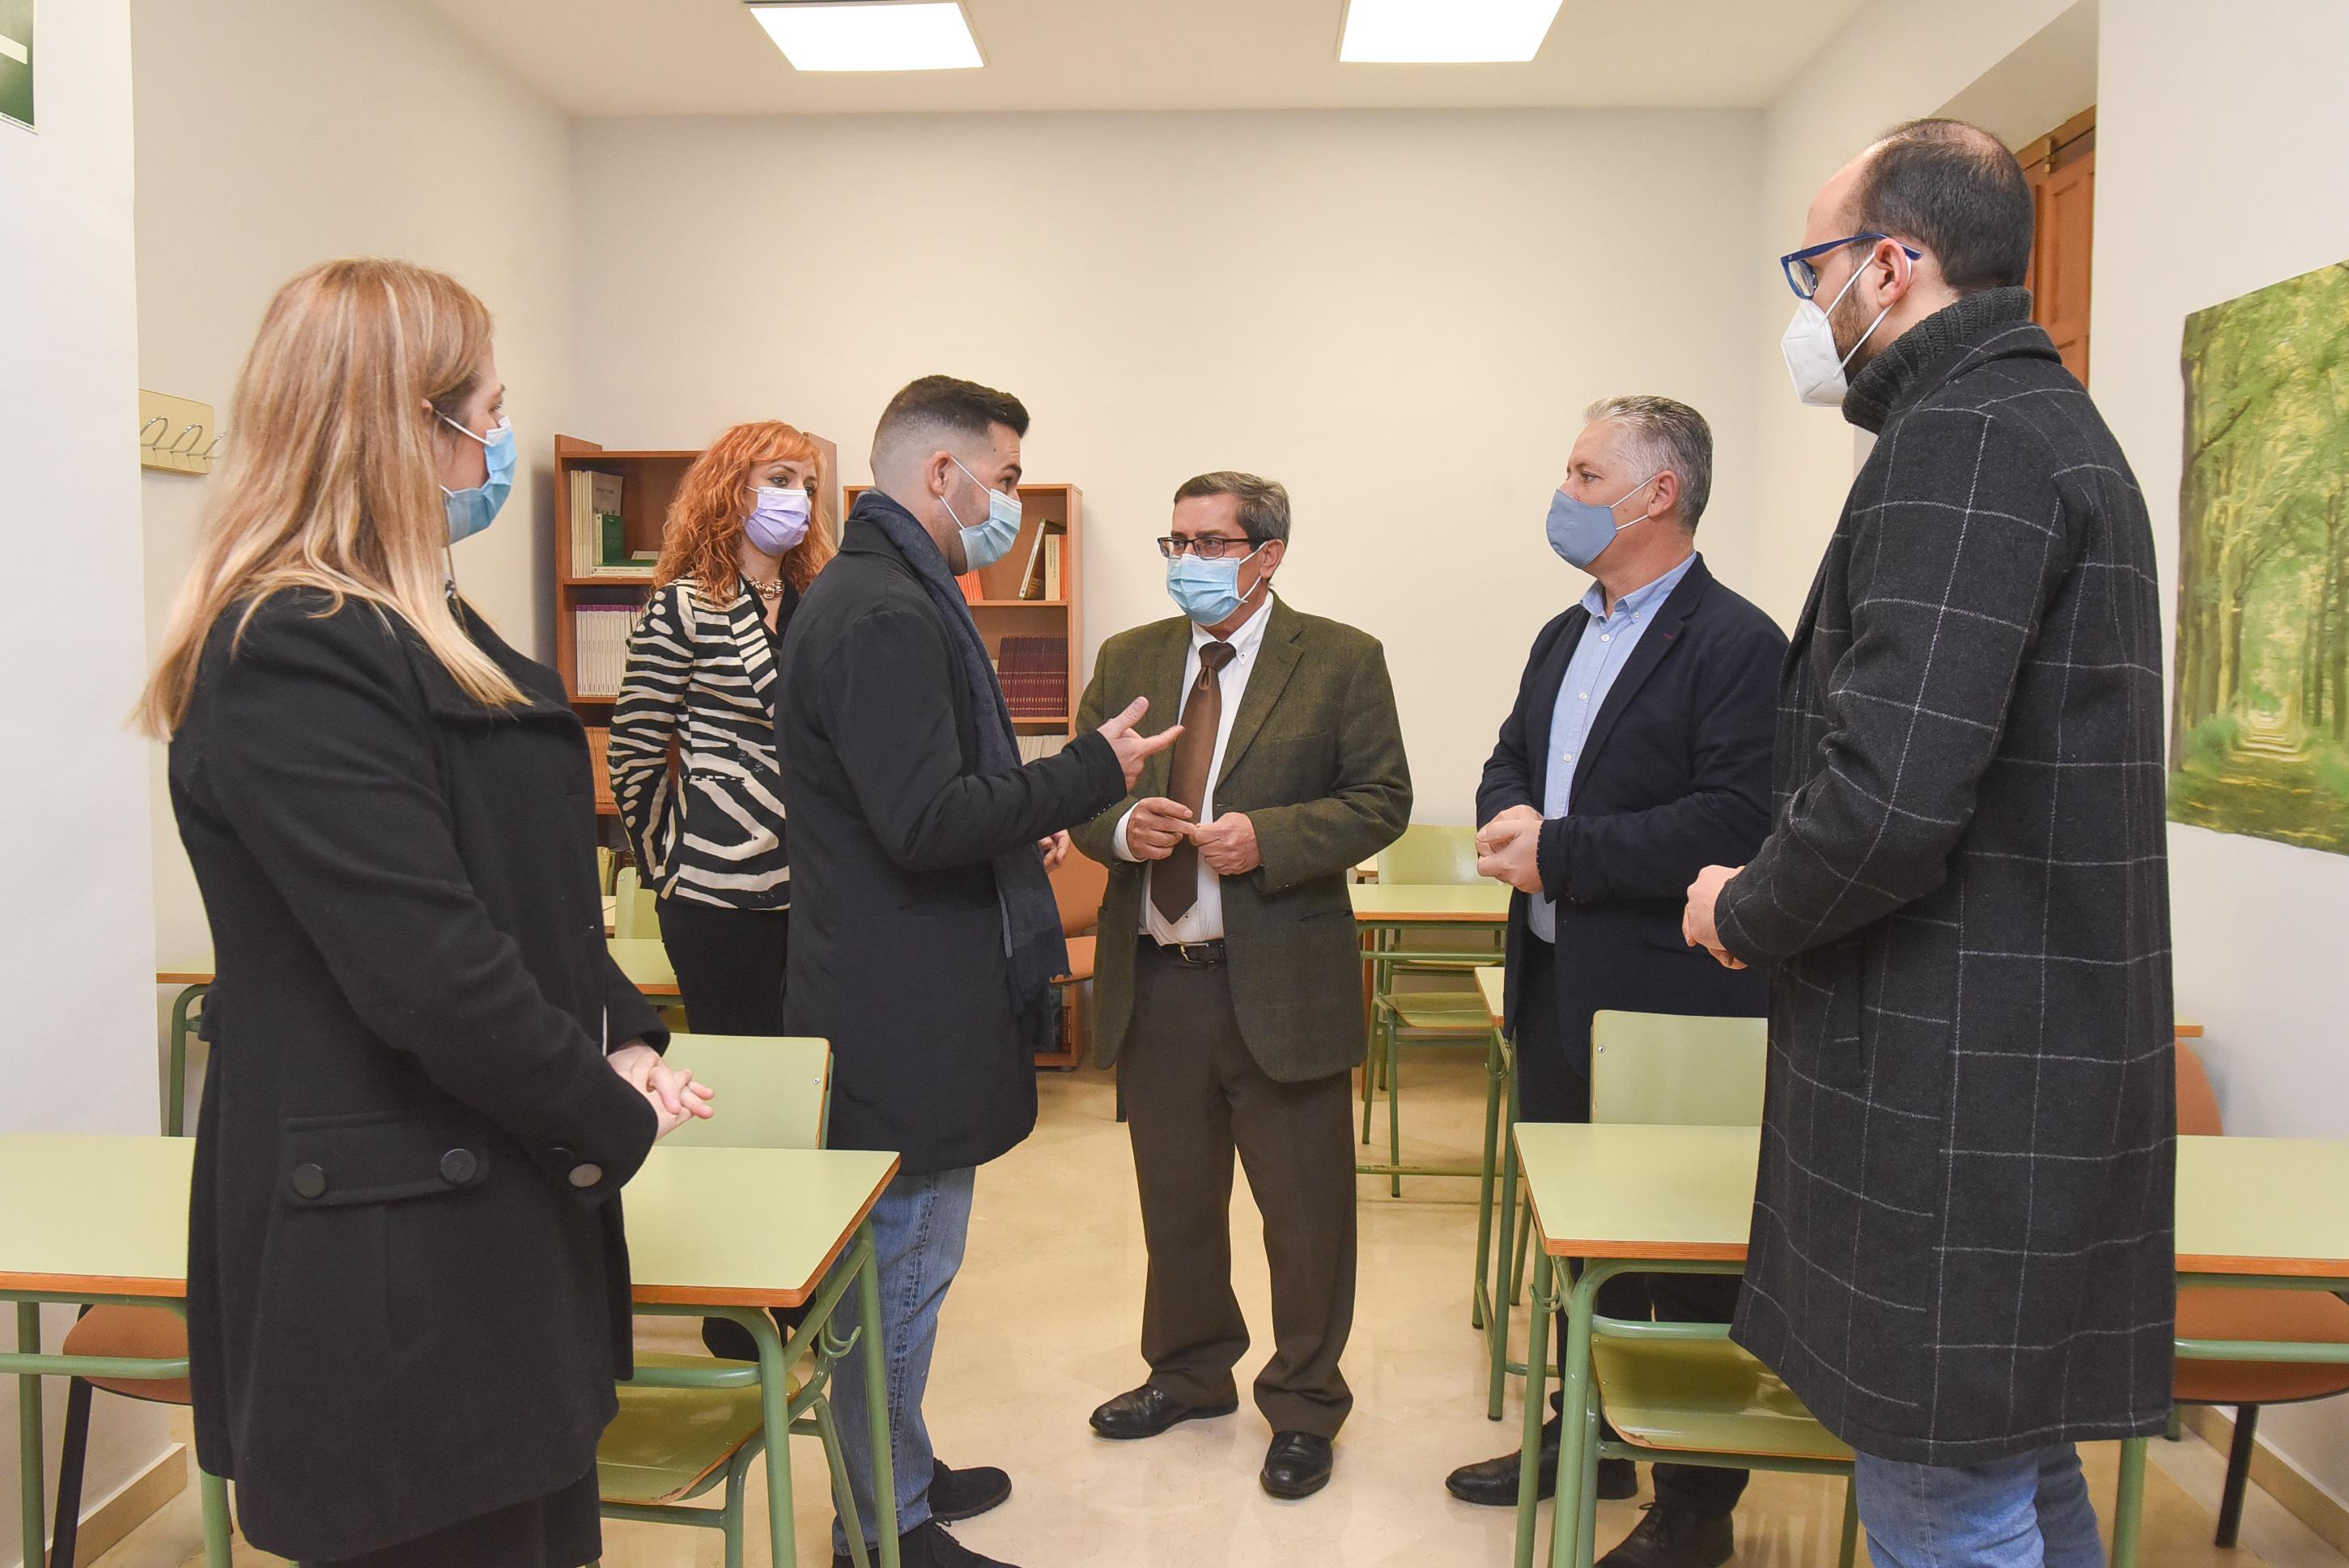 Concluye la rehabilitación del Centro de Día de Maracena con una inversión de 150.000 euros